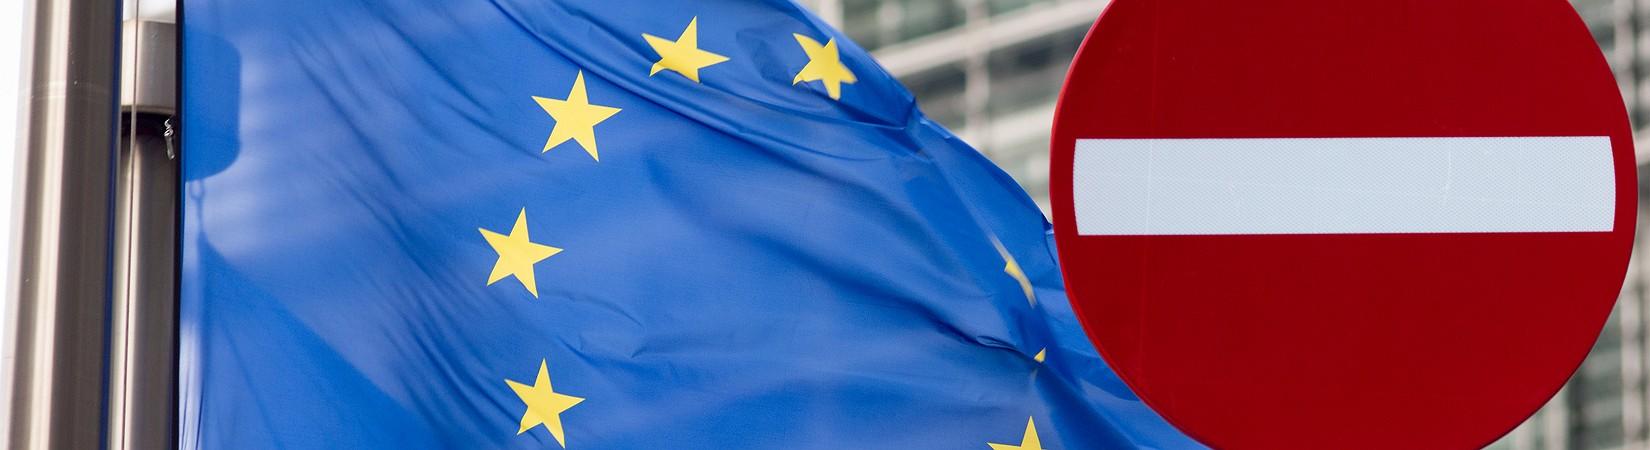 JPMorgan Chase, HSBC y Credit Agricole son multados por manipular el Euribor